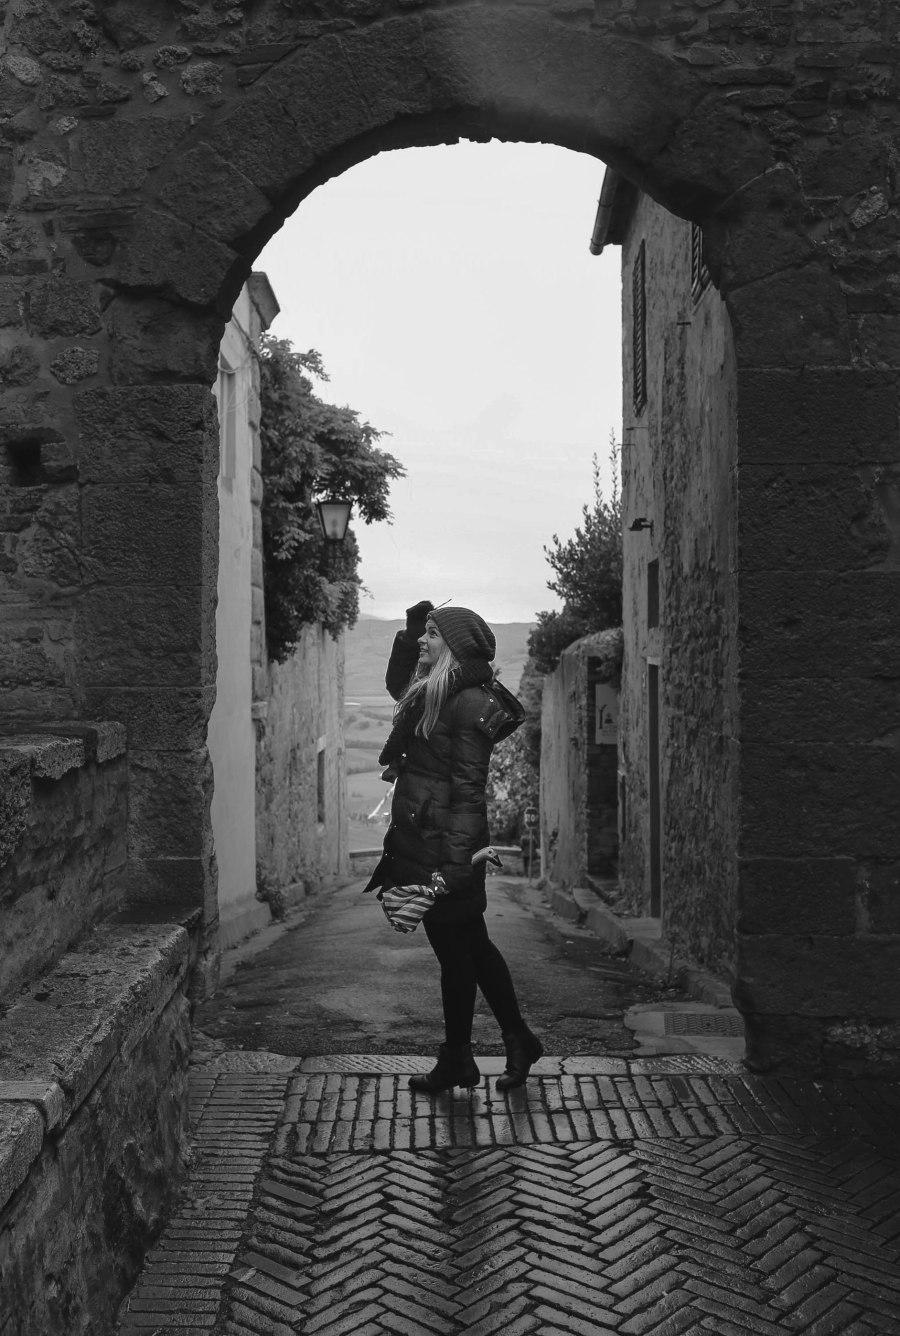 tuscany-4634